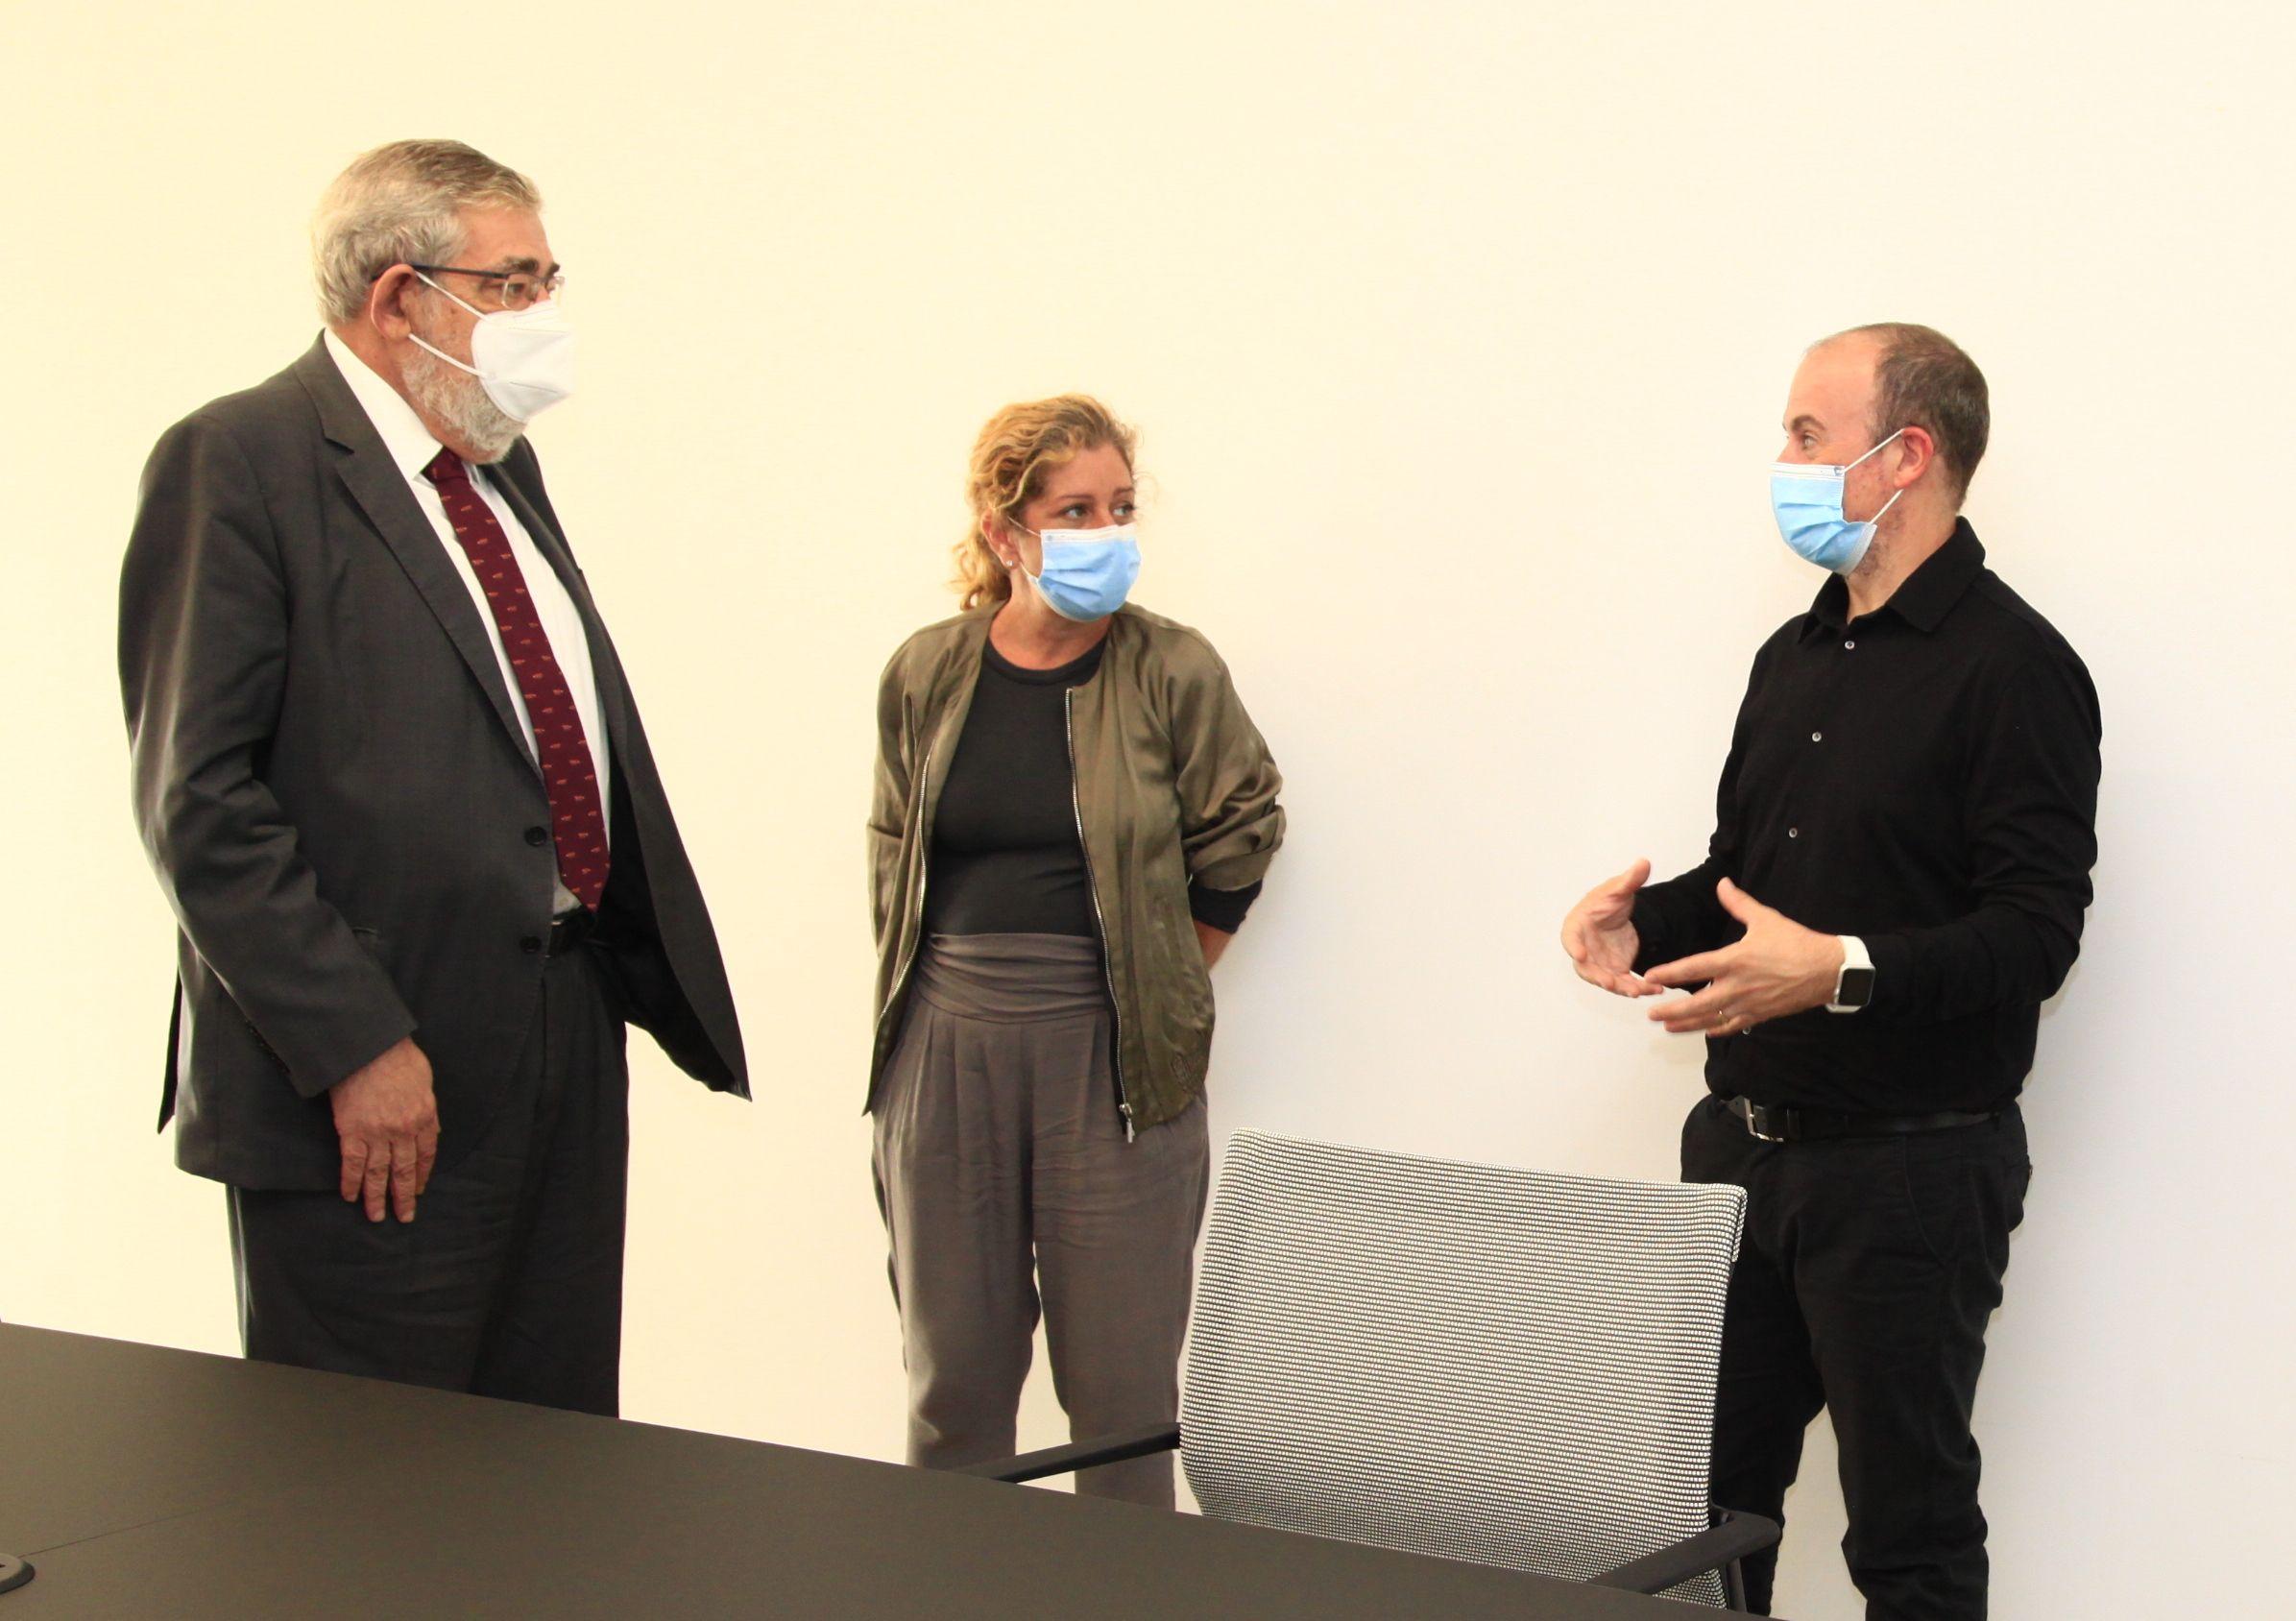 El rector Vicente Navarro de Luján, la directora de la Escuela de Diseño del CEU, Sara Barquero, y el director general de la WDC2022, Xavi Calvo.